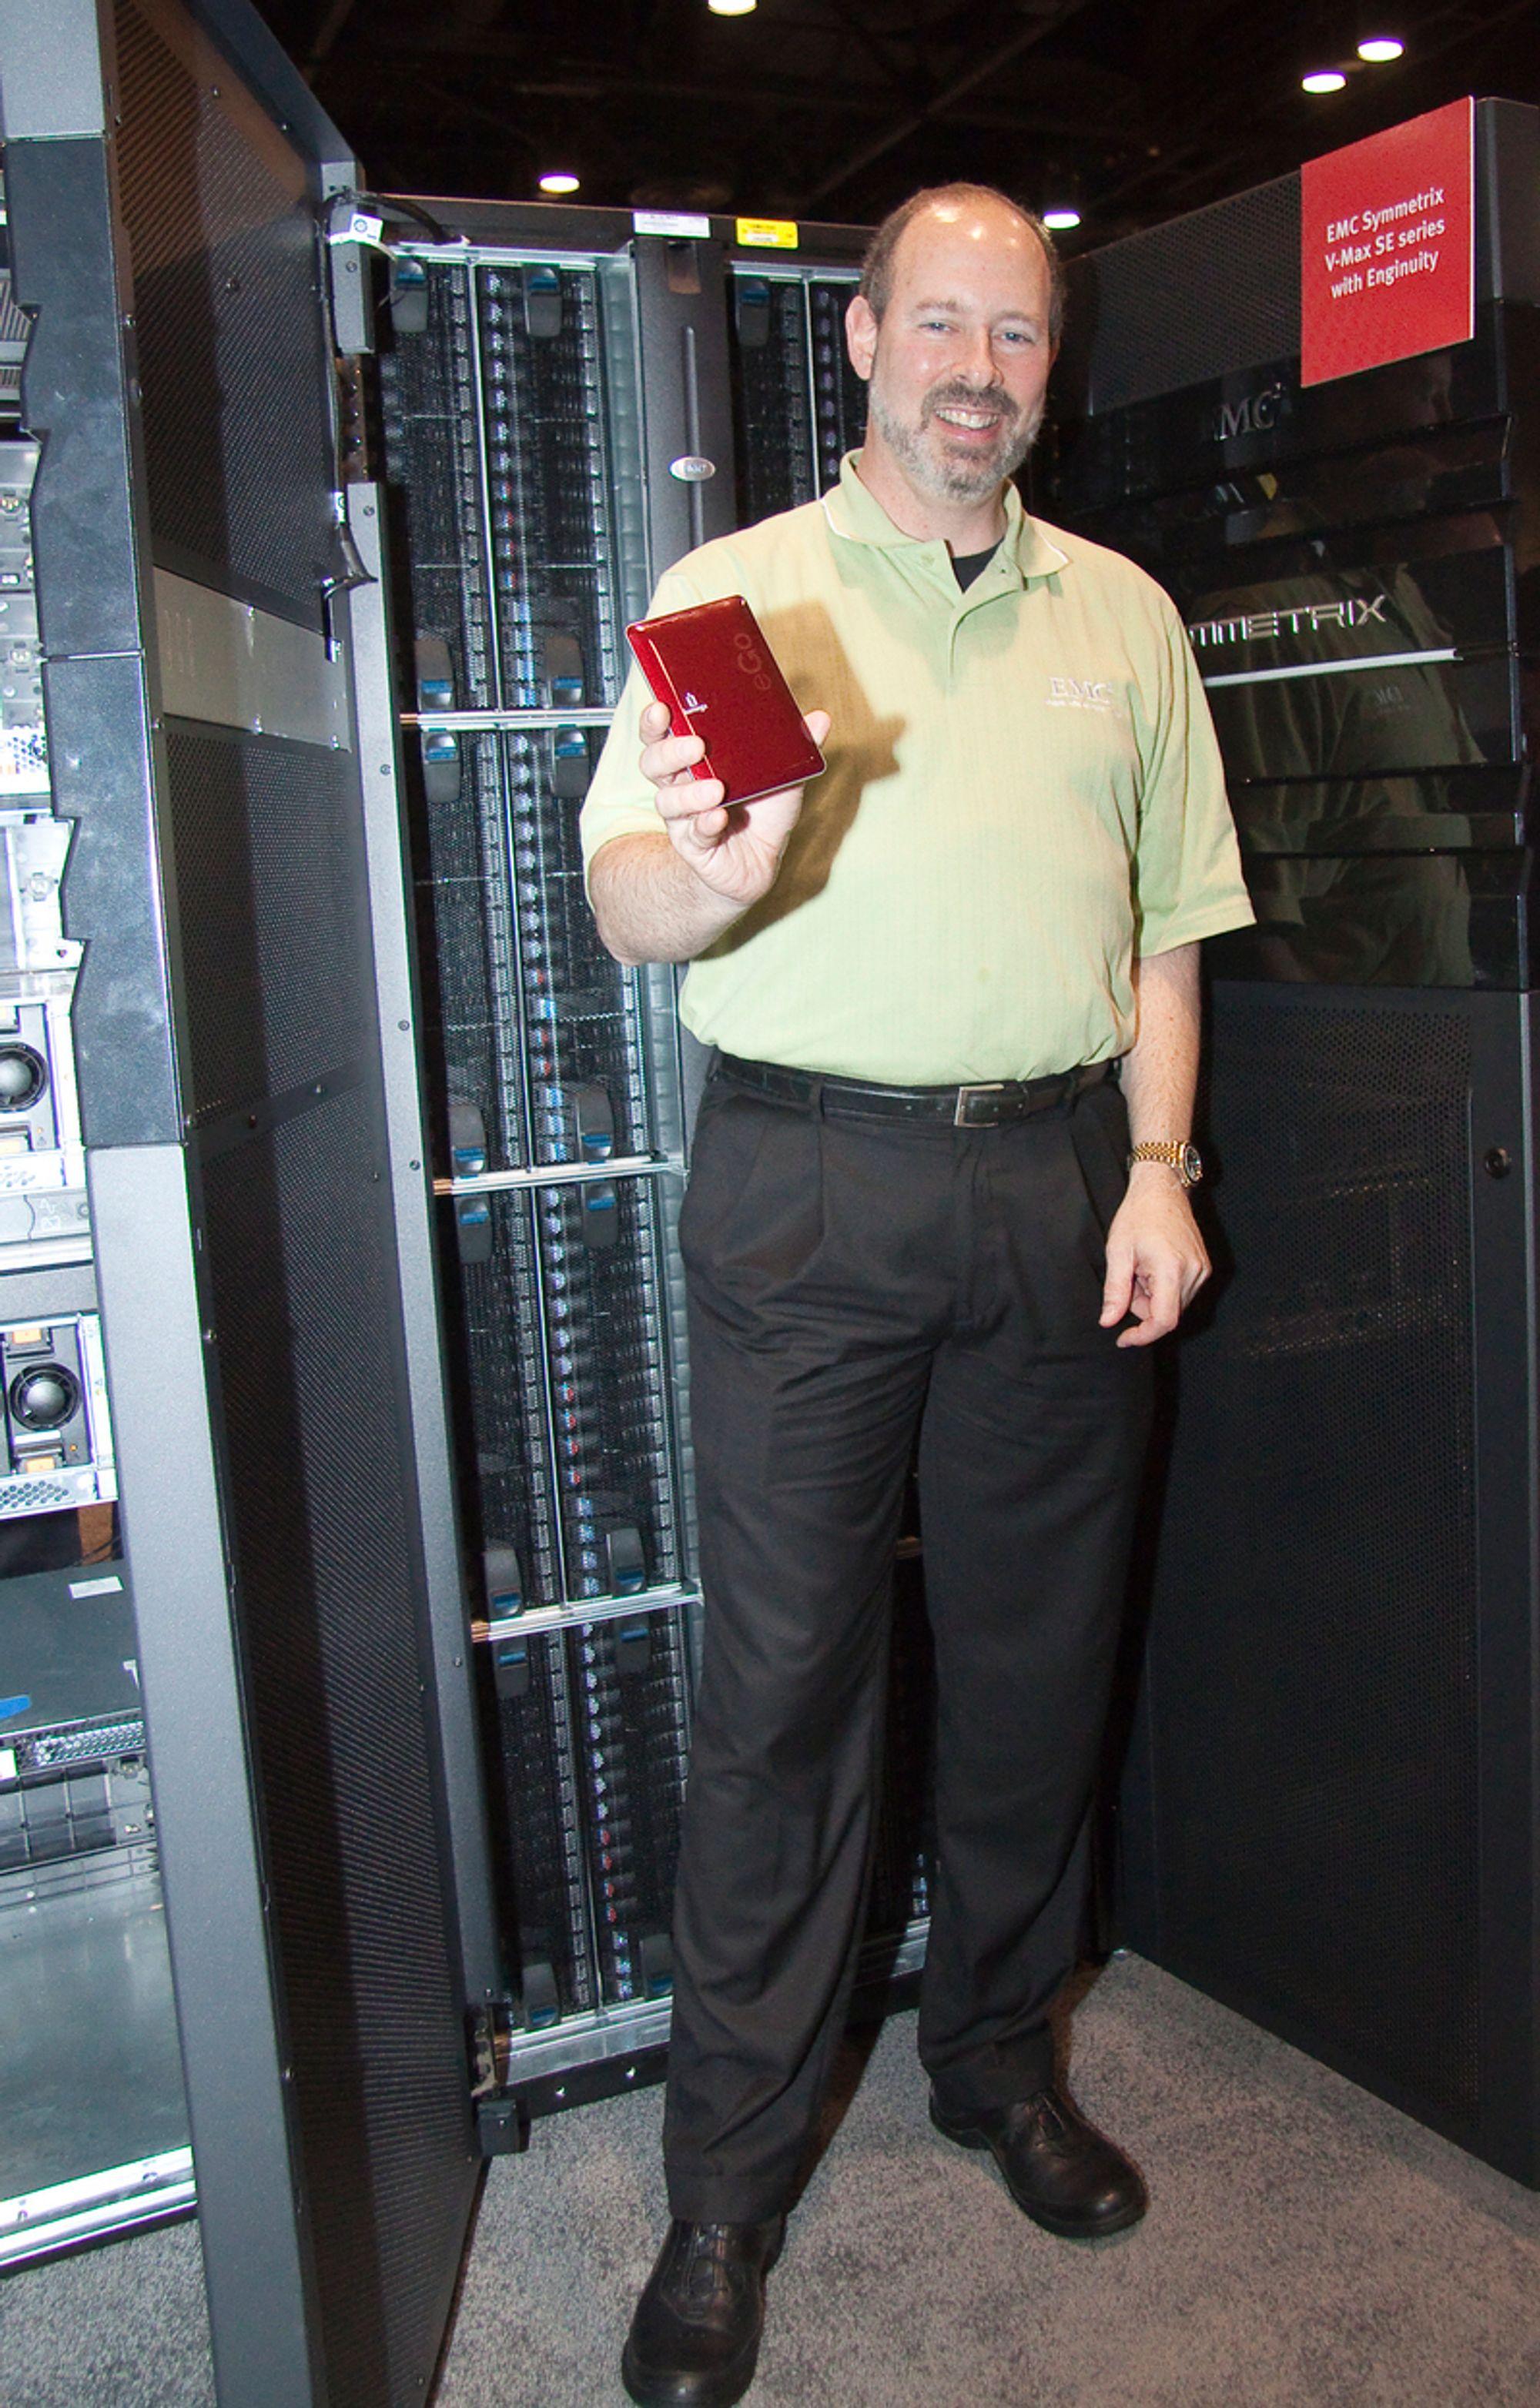 STOR OG LITEN:Teknologidirektør Ken Steinhardt i datalagringselskapet EMC foran selskapets store Symetrics lagringsskap med selskapets minste Iomega lommelager i hånden.